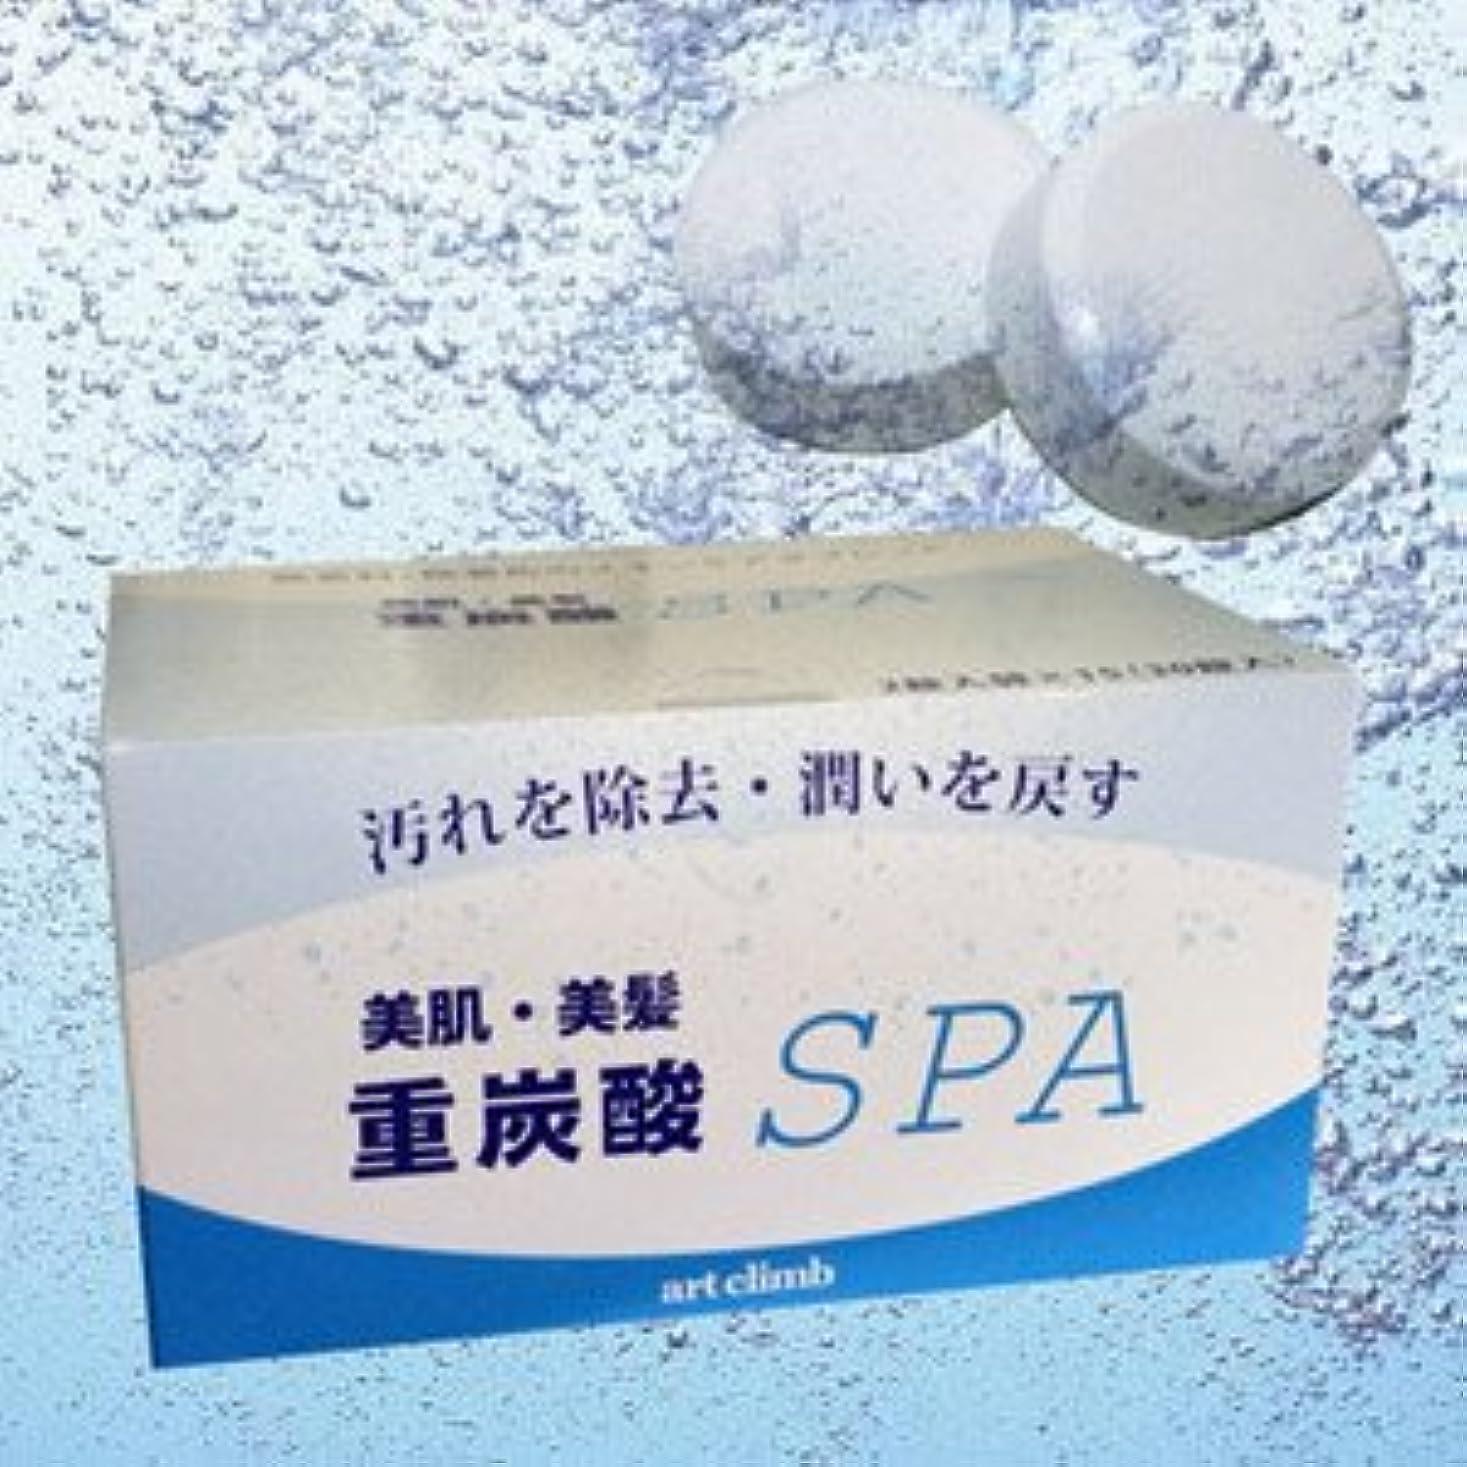 マーティンルーサーキングジュニアチーズタンパク質炭酸泉タブレット 重炭酸SPA 16g x 36錠入り